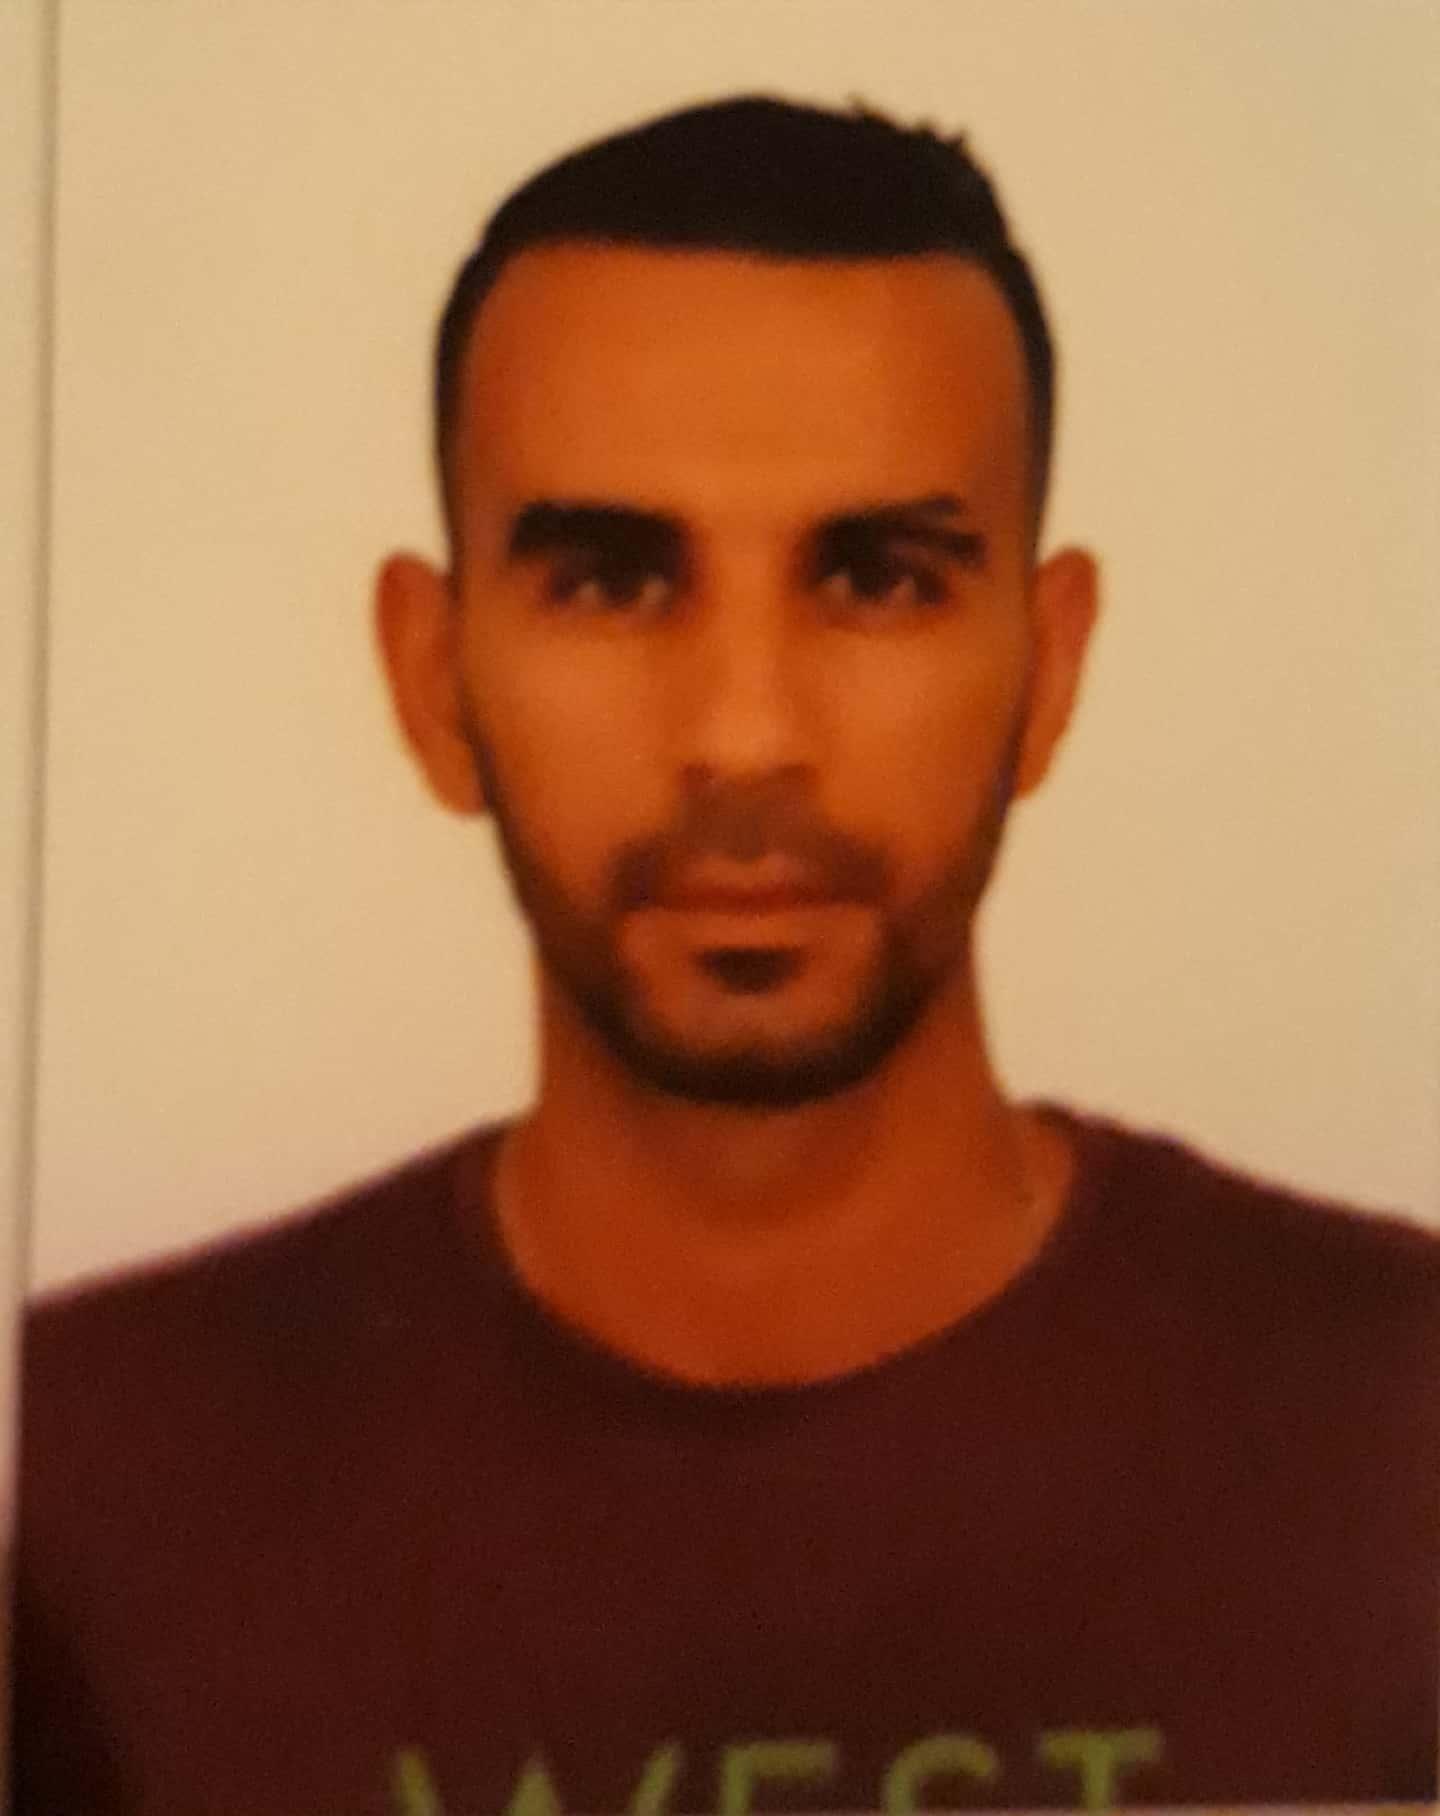 KHELOUFI Mohamed Reda